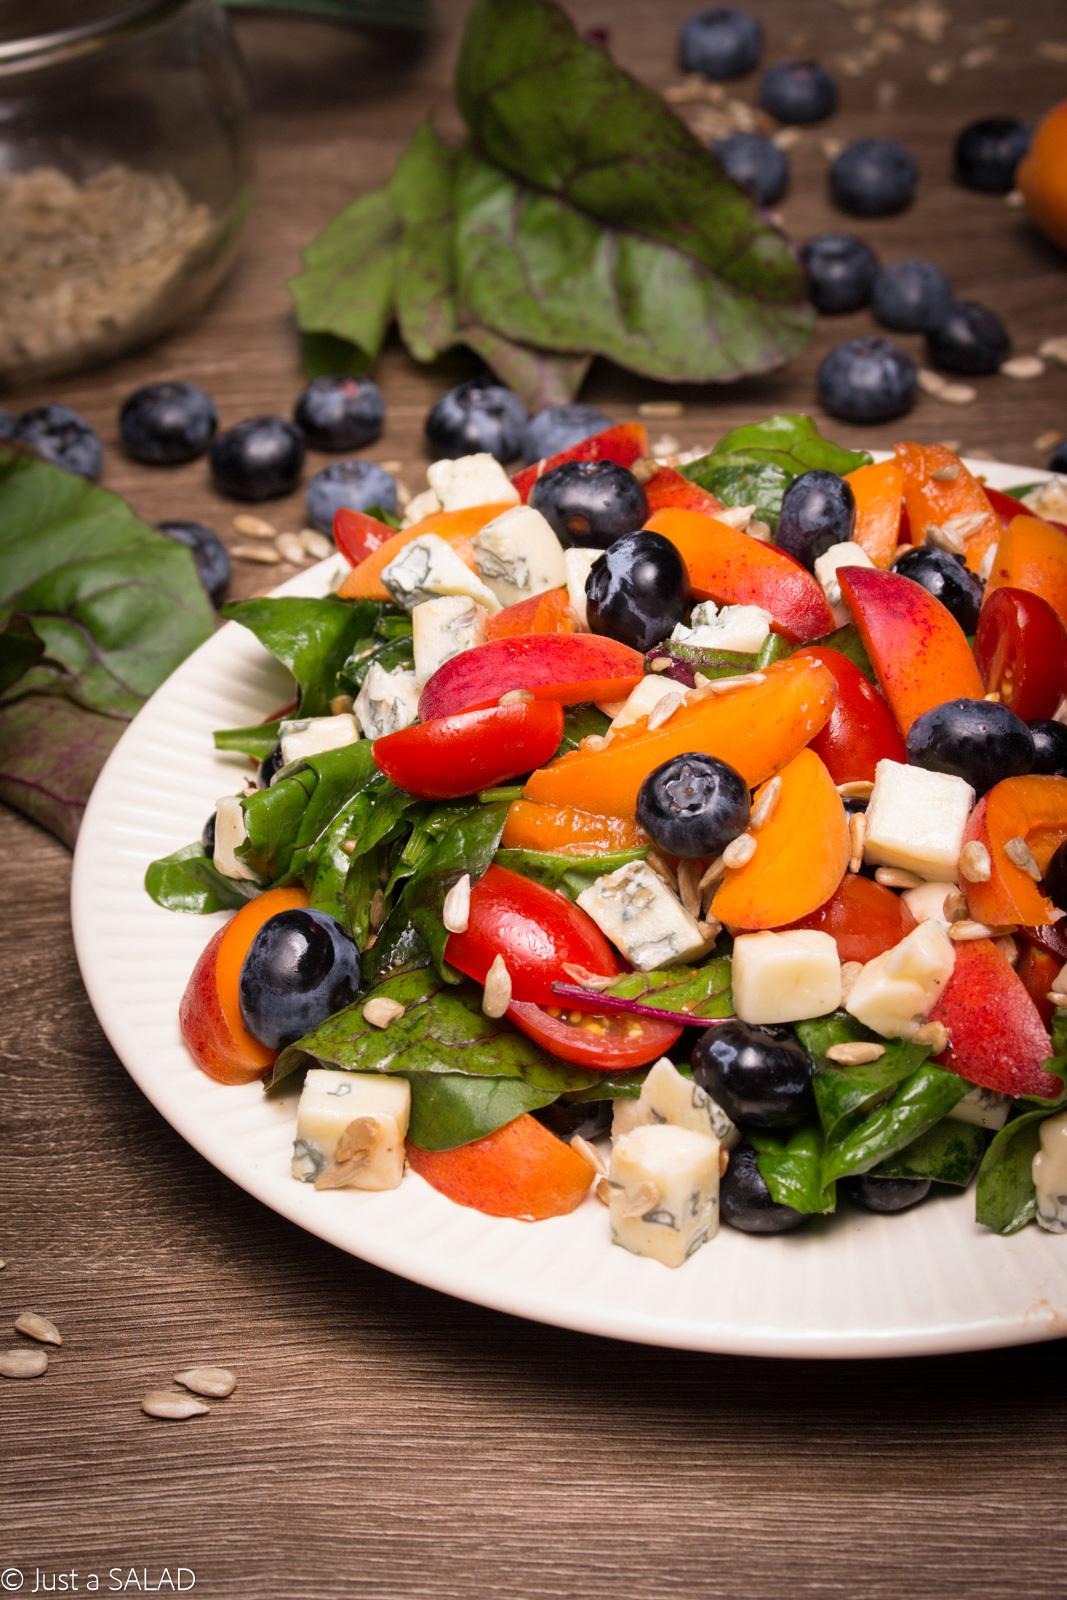 Sałatka z borówkami, morelami, serem z niebieską pleśnią, pomidorami koktajlowymi, pestkami słonecznika oraz liśćmi szpinaku i botwinki.